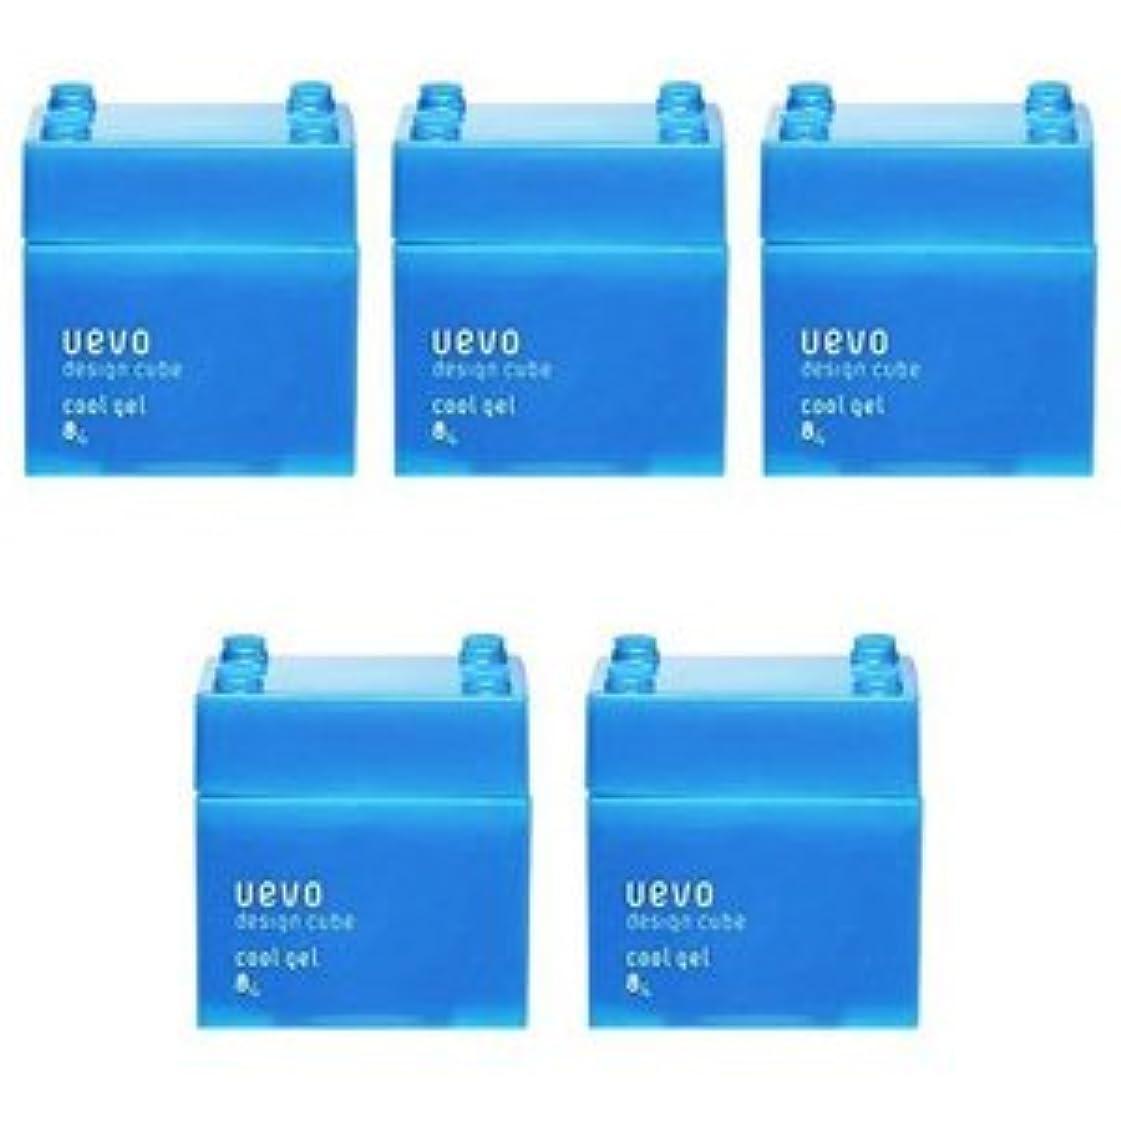 商業のミルク資料【X5個セット】 デミ ウェーボ デザインキューブ クールジェル 80g cool gel DEMI uevo design cube